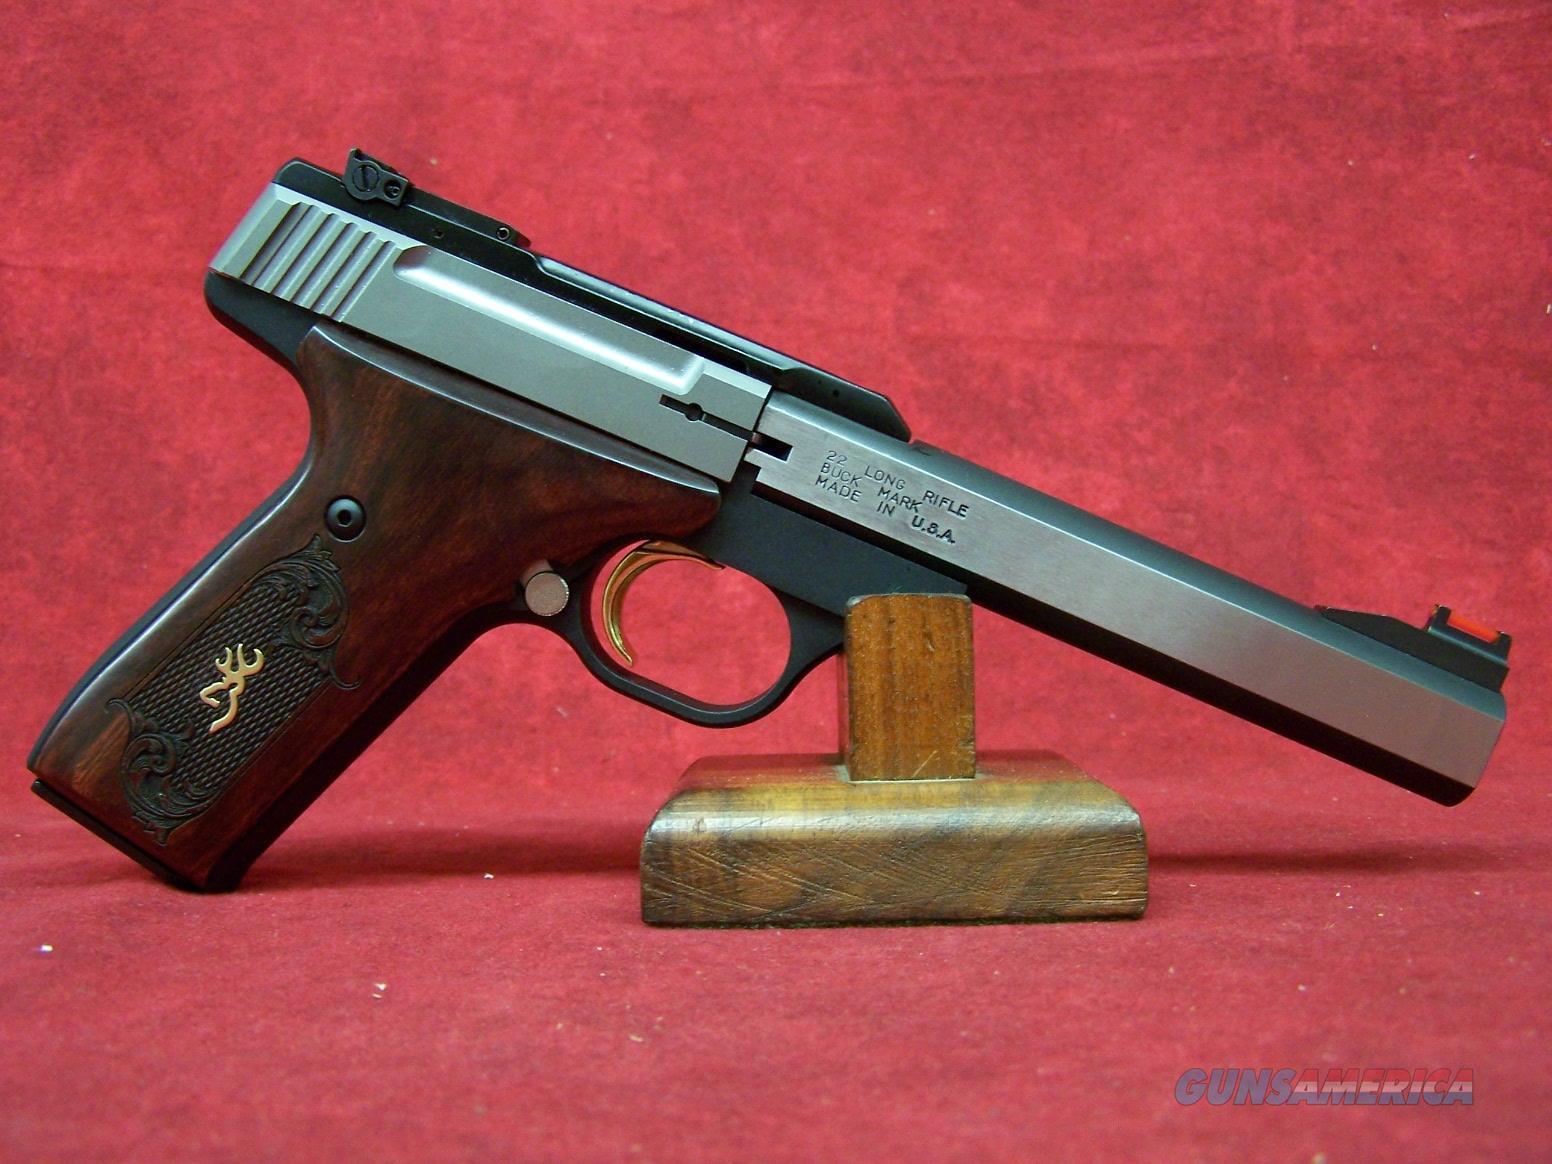 """Browning Buck Mark Medallion Rosewood .22LR 5.5"""" Barrel (051543490)  Guns > Pistols > Browning Pistols > Buckmark"""